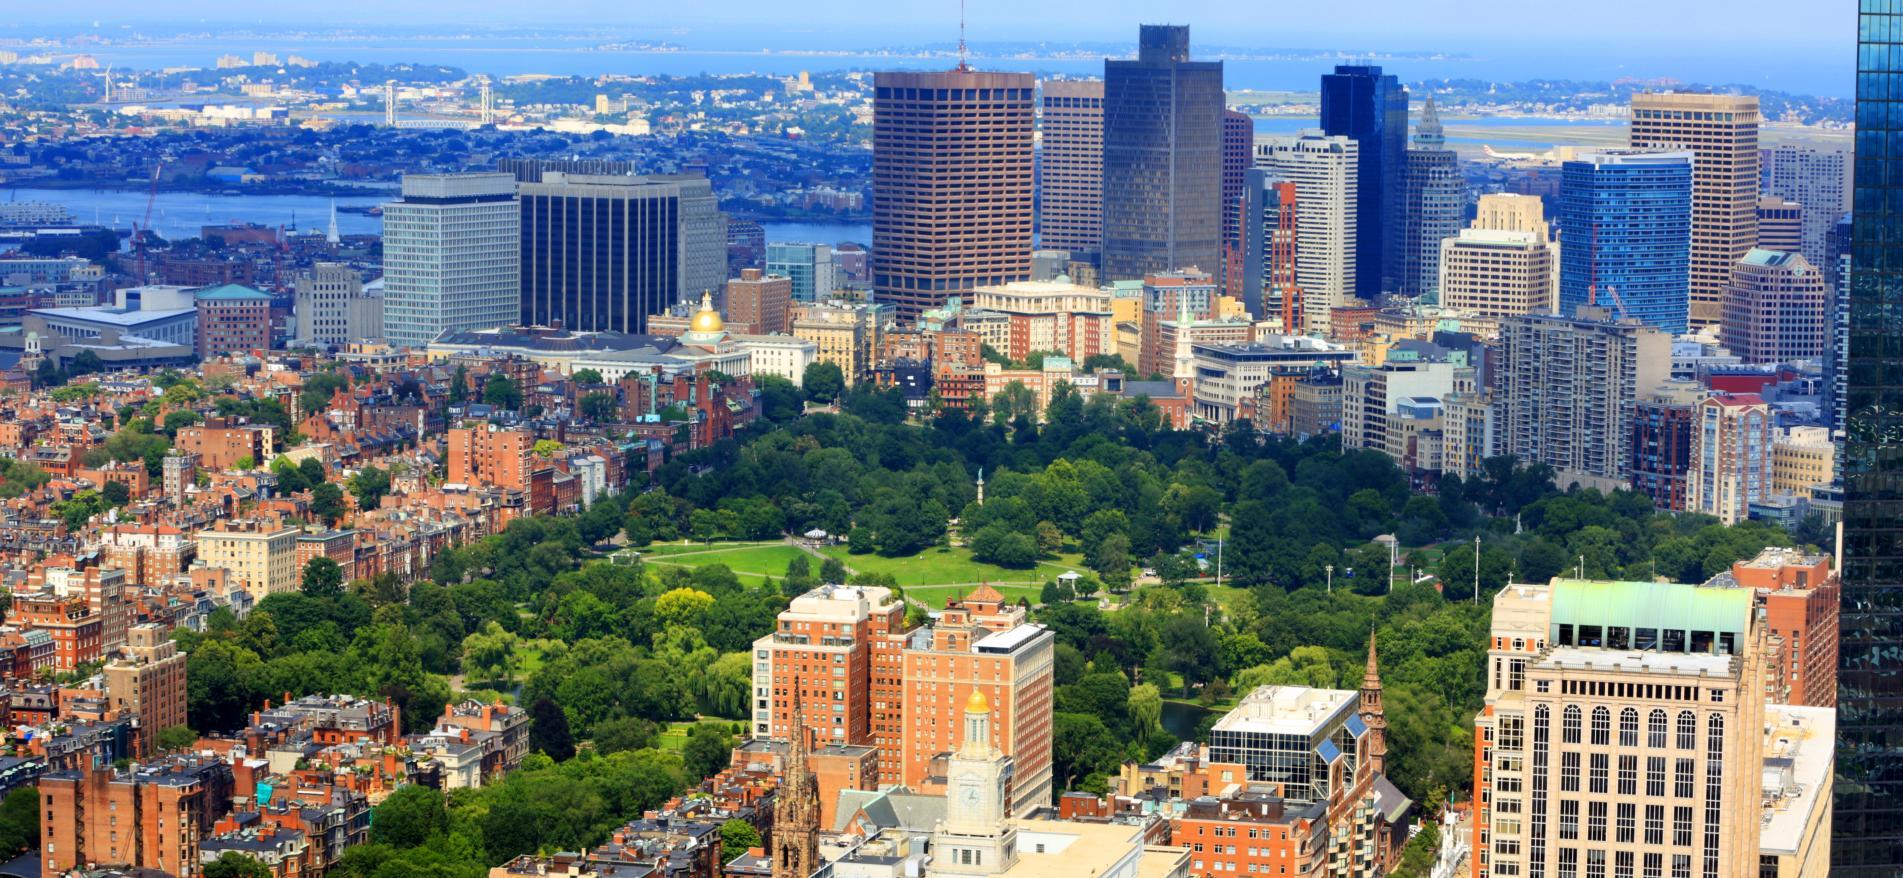 Discover Boston